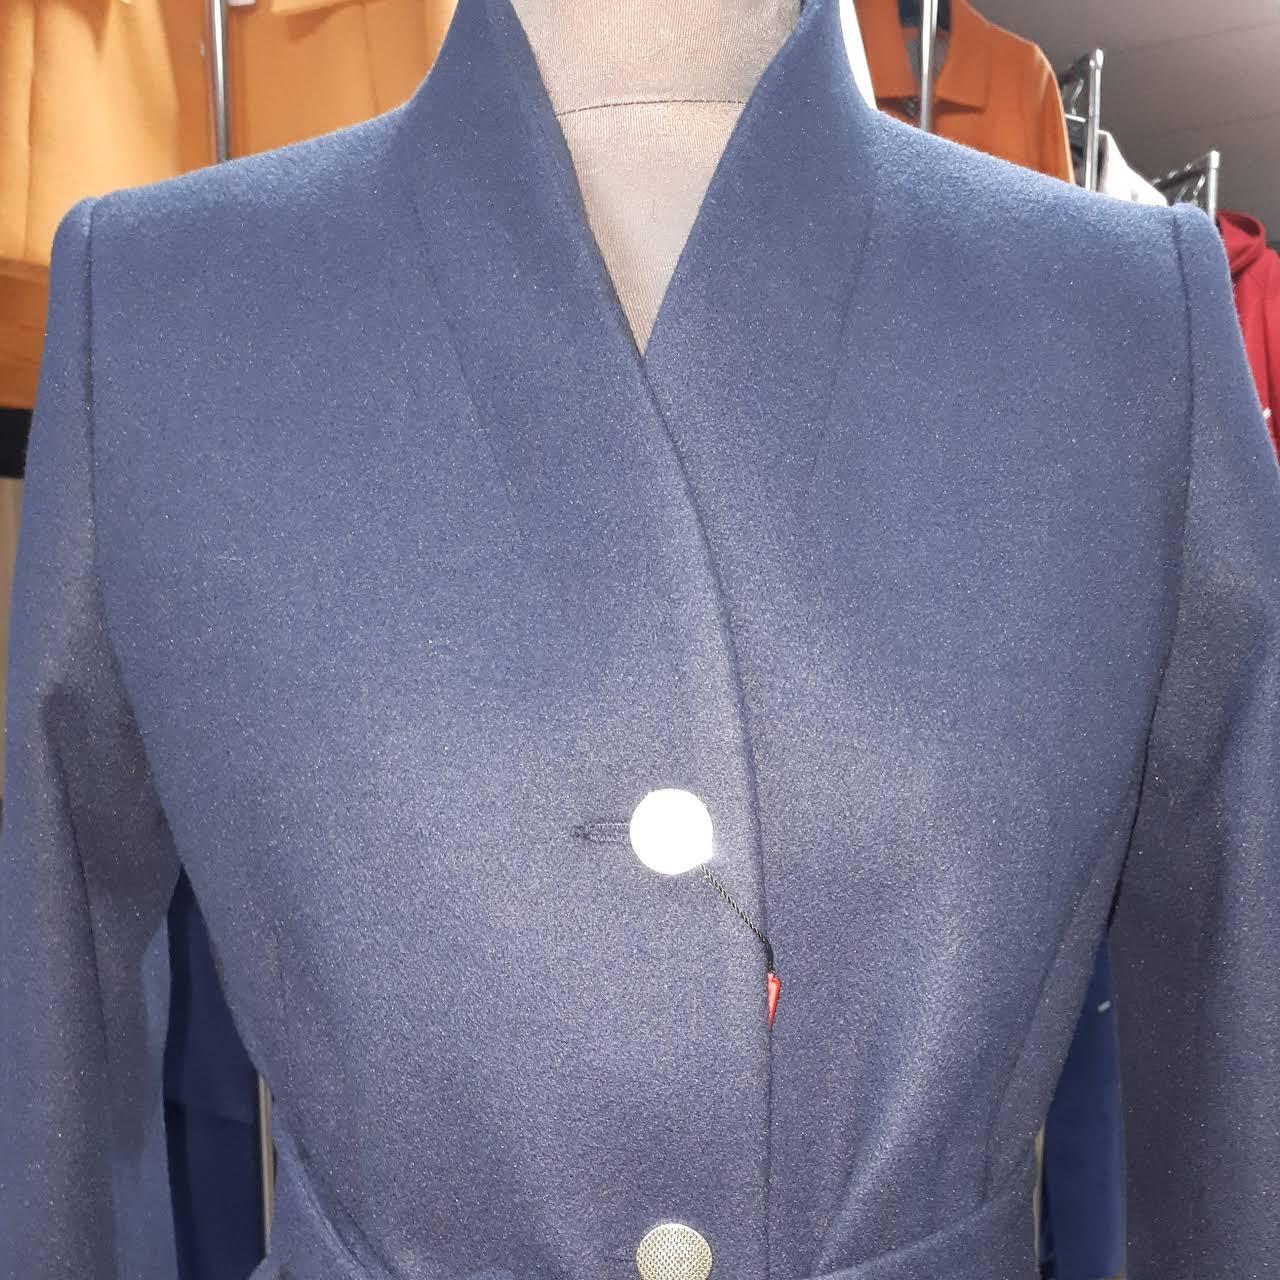 6859cb6153afa Sklep Elegant - płaszcze, kurtki, garsonki, spódnice, bluzki ...